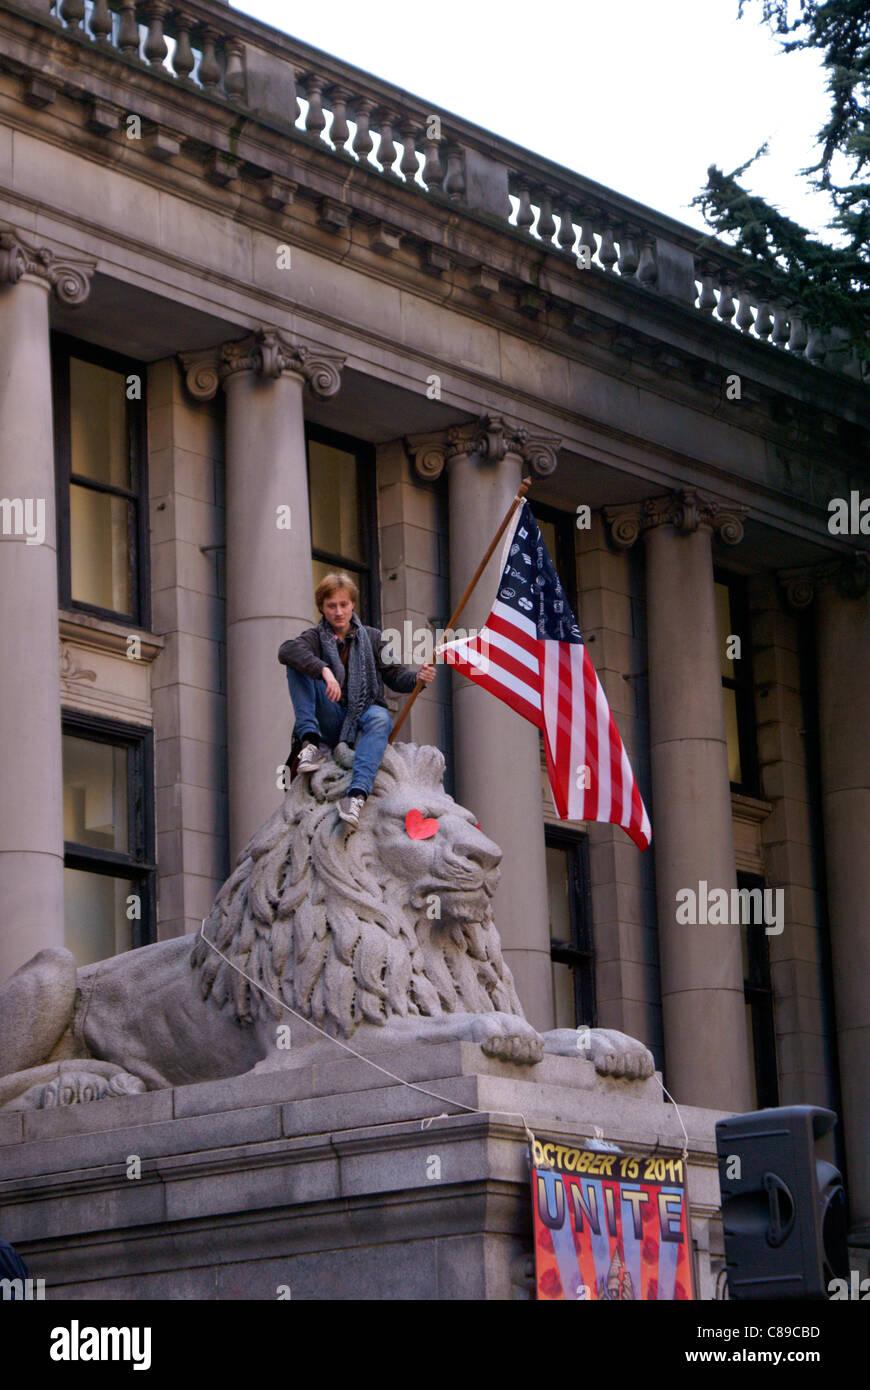 Manifestante sosteniendo una bandera americana al ocupar Vancouver rally delante de la Galería de Arte de Vancouver, Imagen De Stock